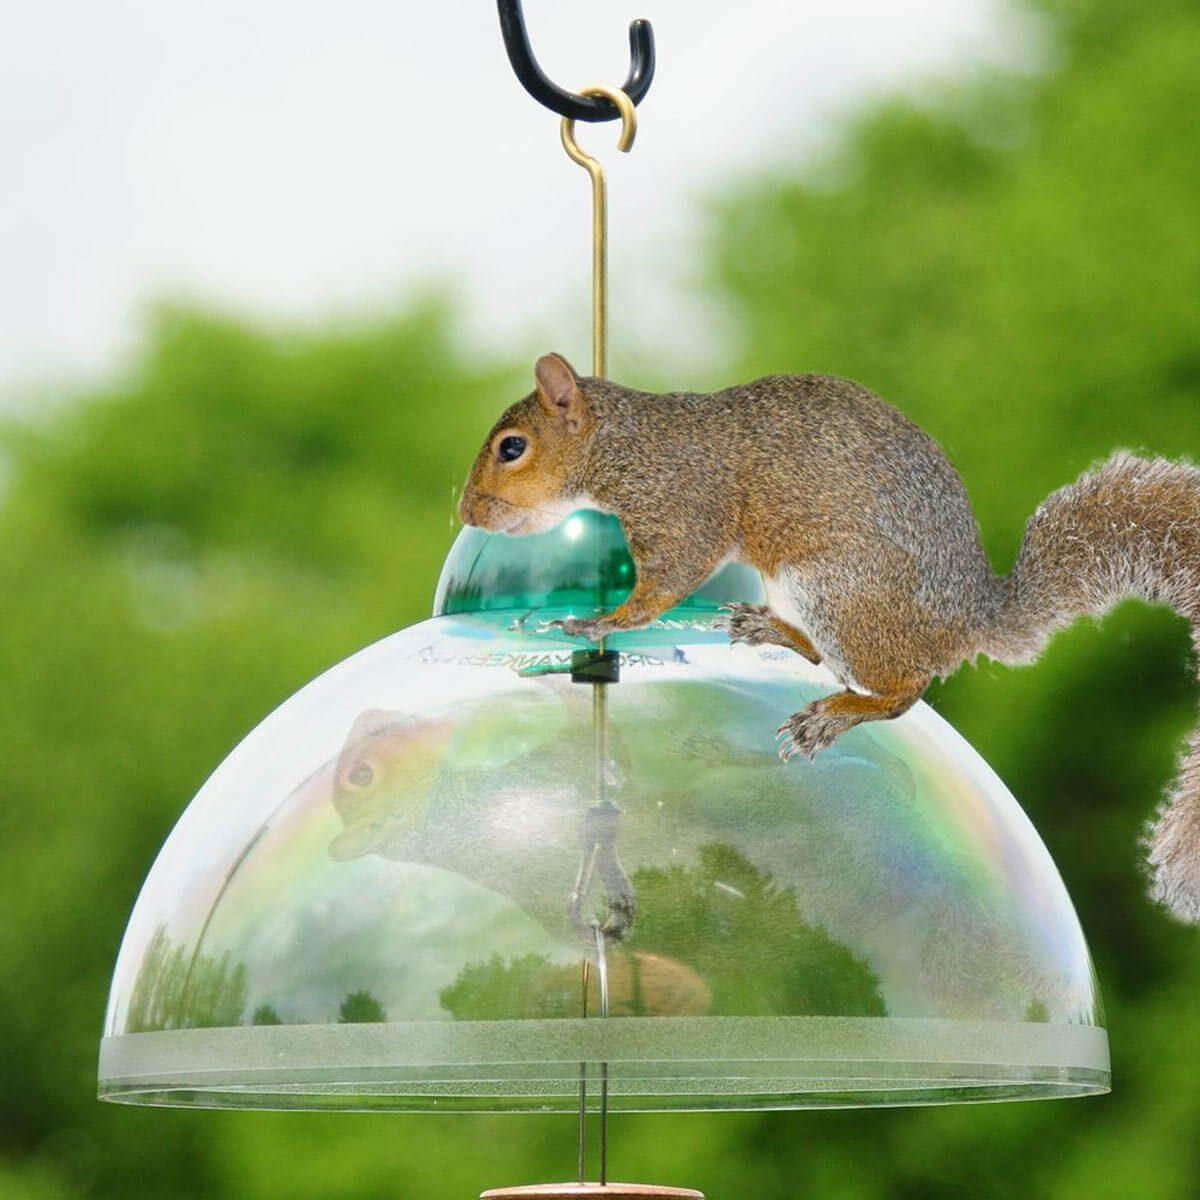 squirrel baffle